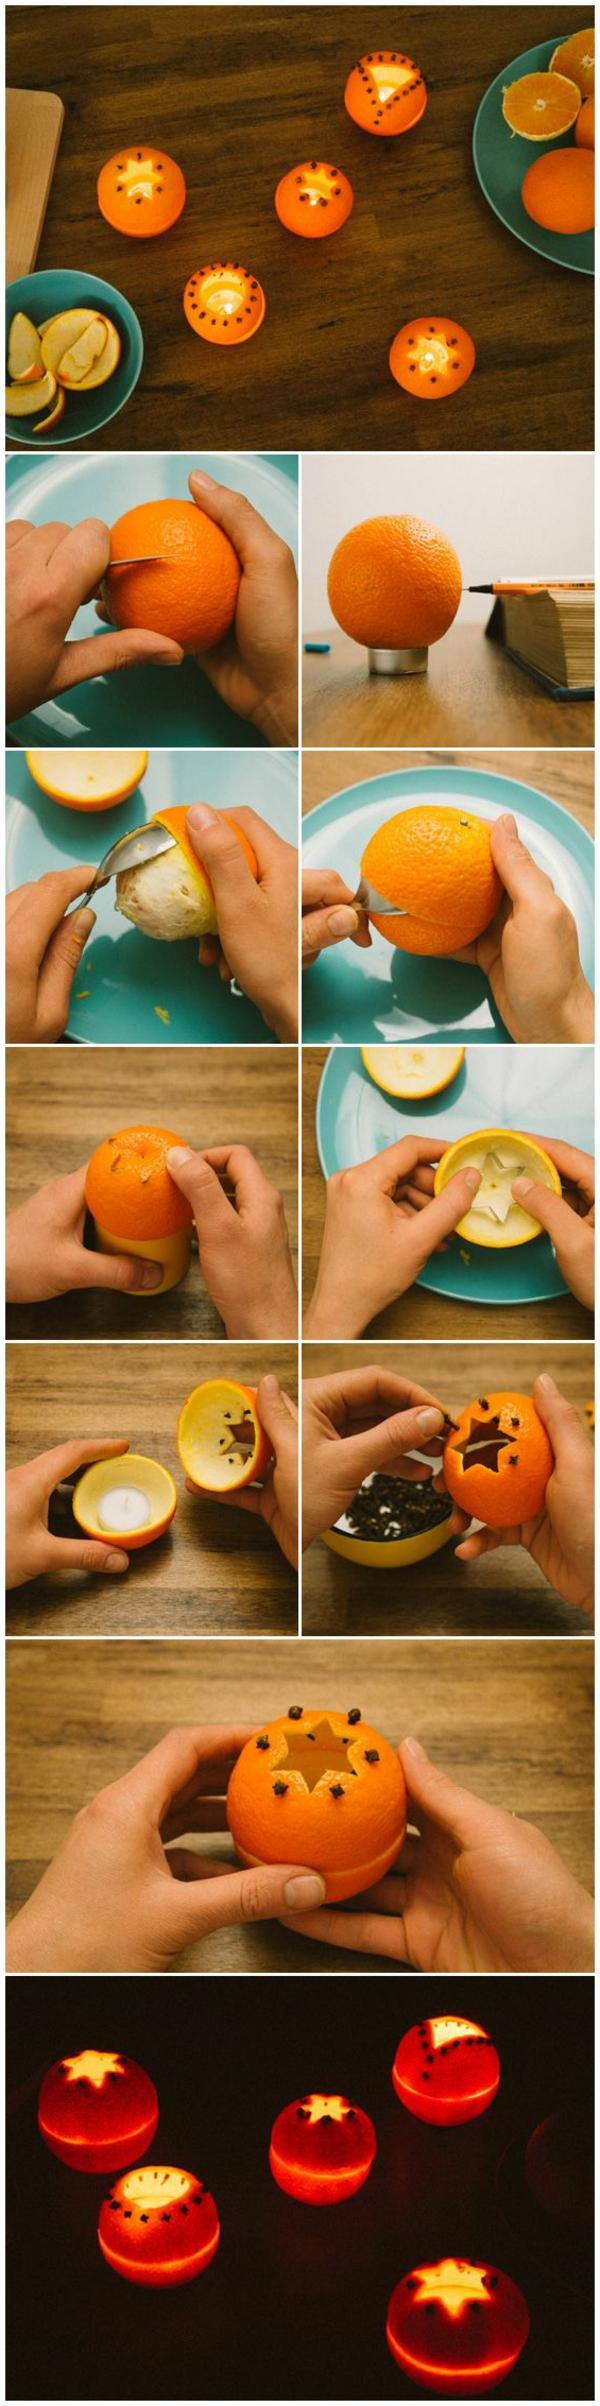 Développer-votre-créativité-avec-bougie-jolie-pour-décoration-orange